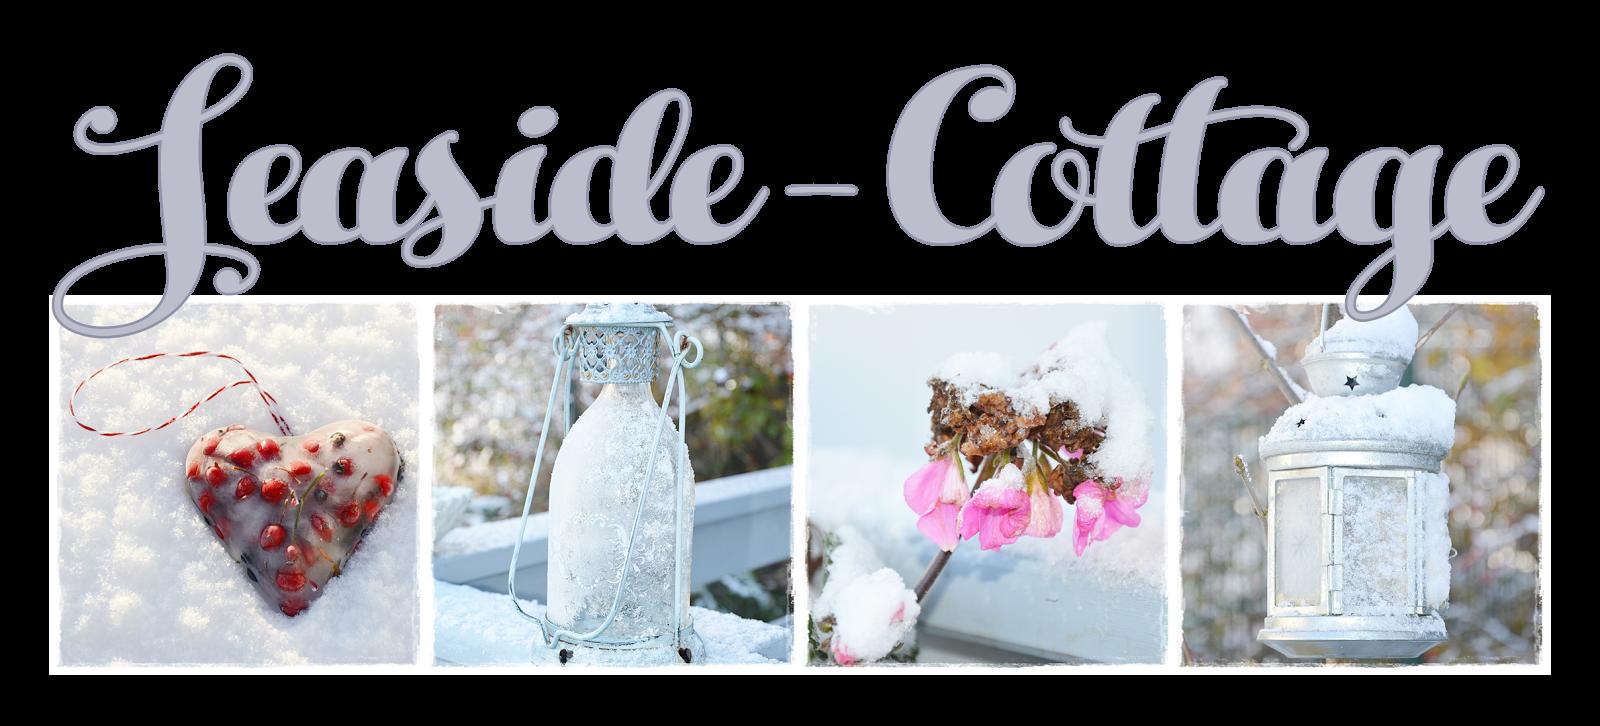 Seaside-Cottage-Blog